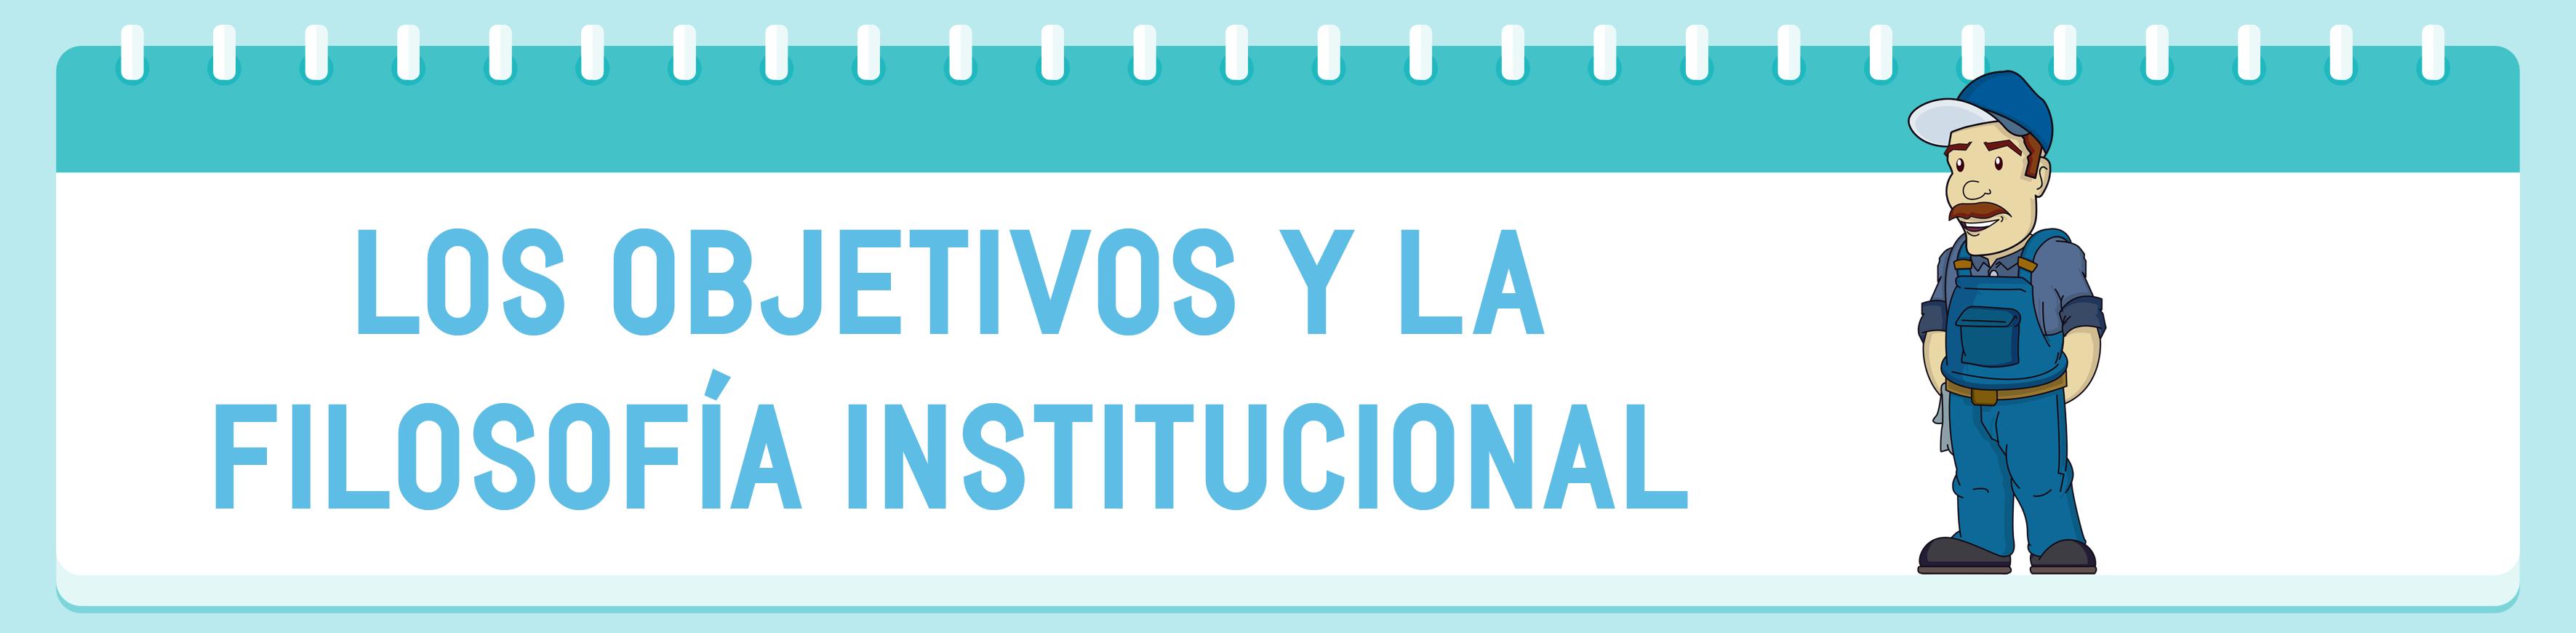 objetivos_filosofia_institucional.png